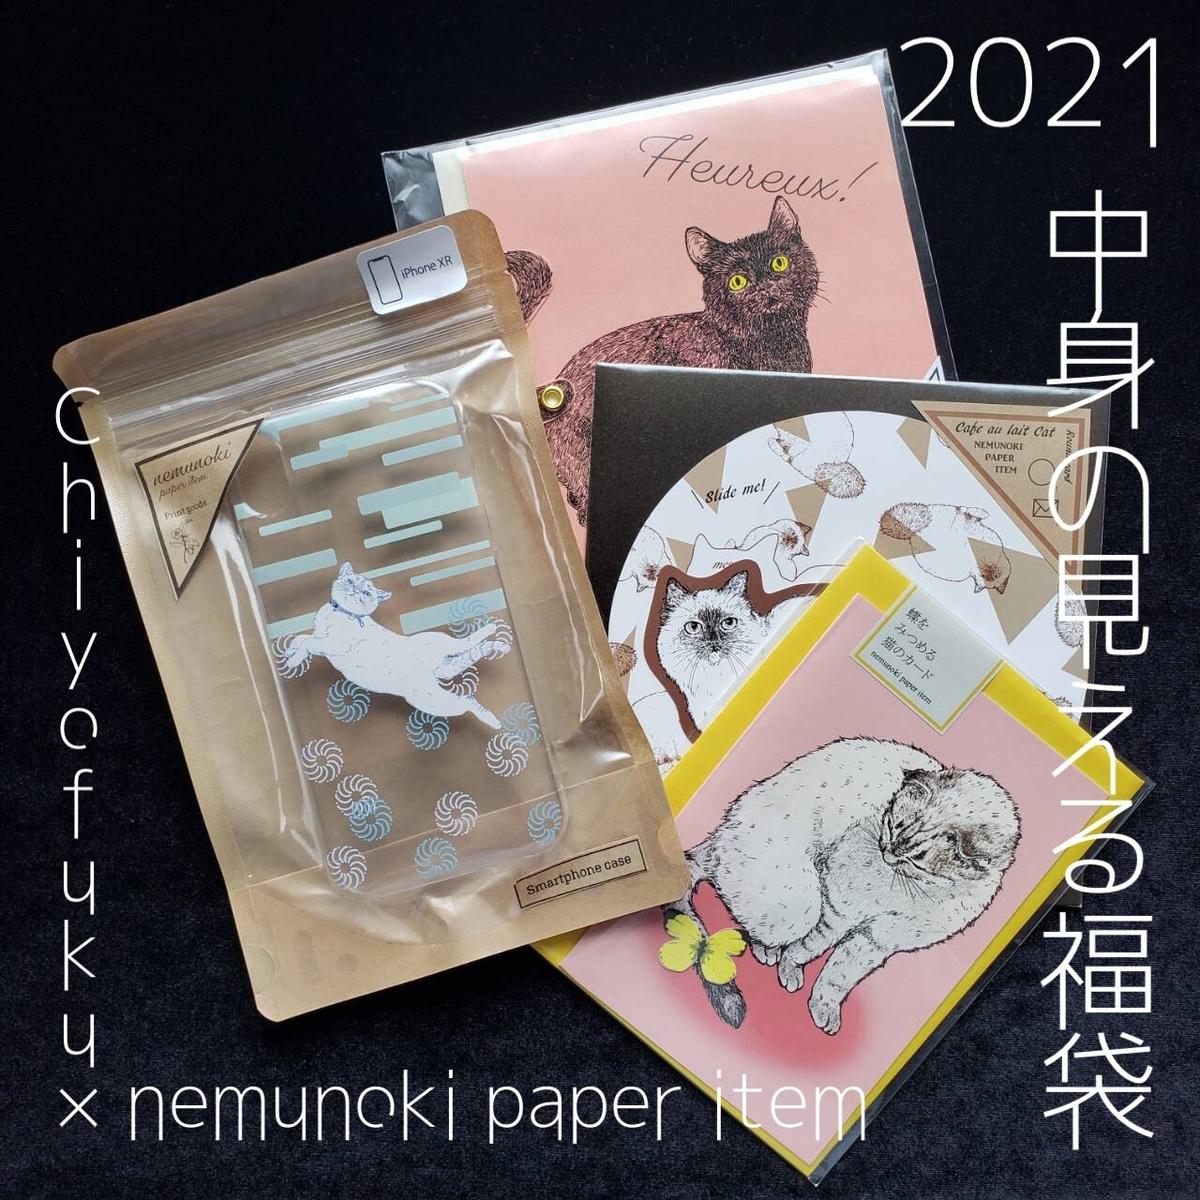 f:id:nemunoki-letter:20210106135442j:plain